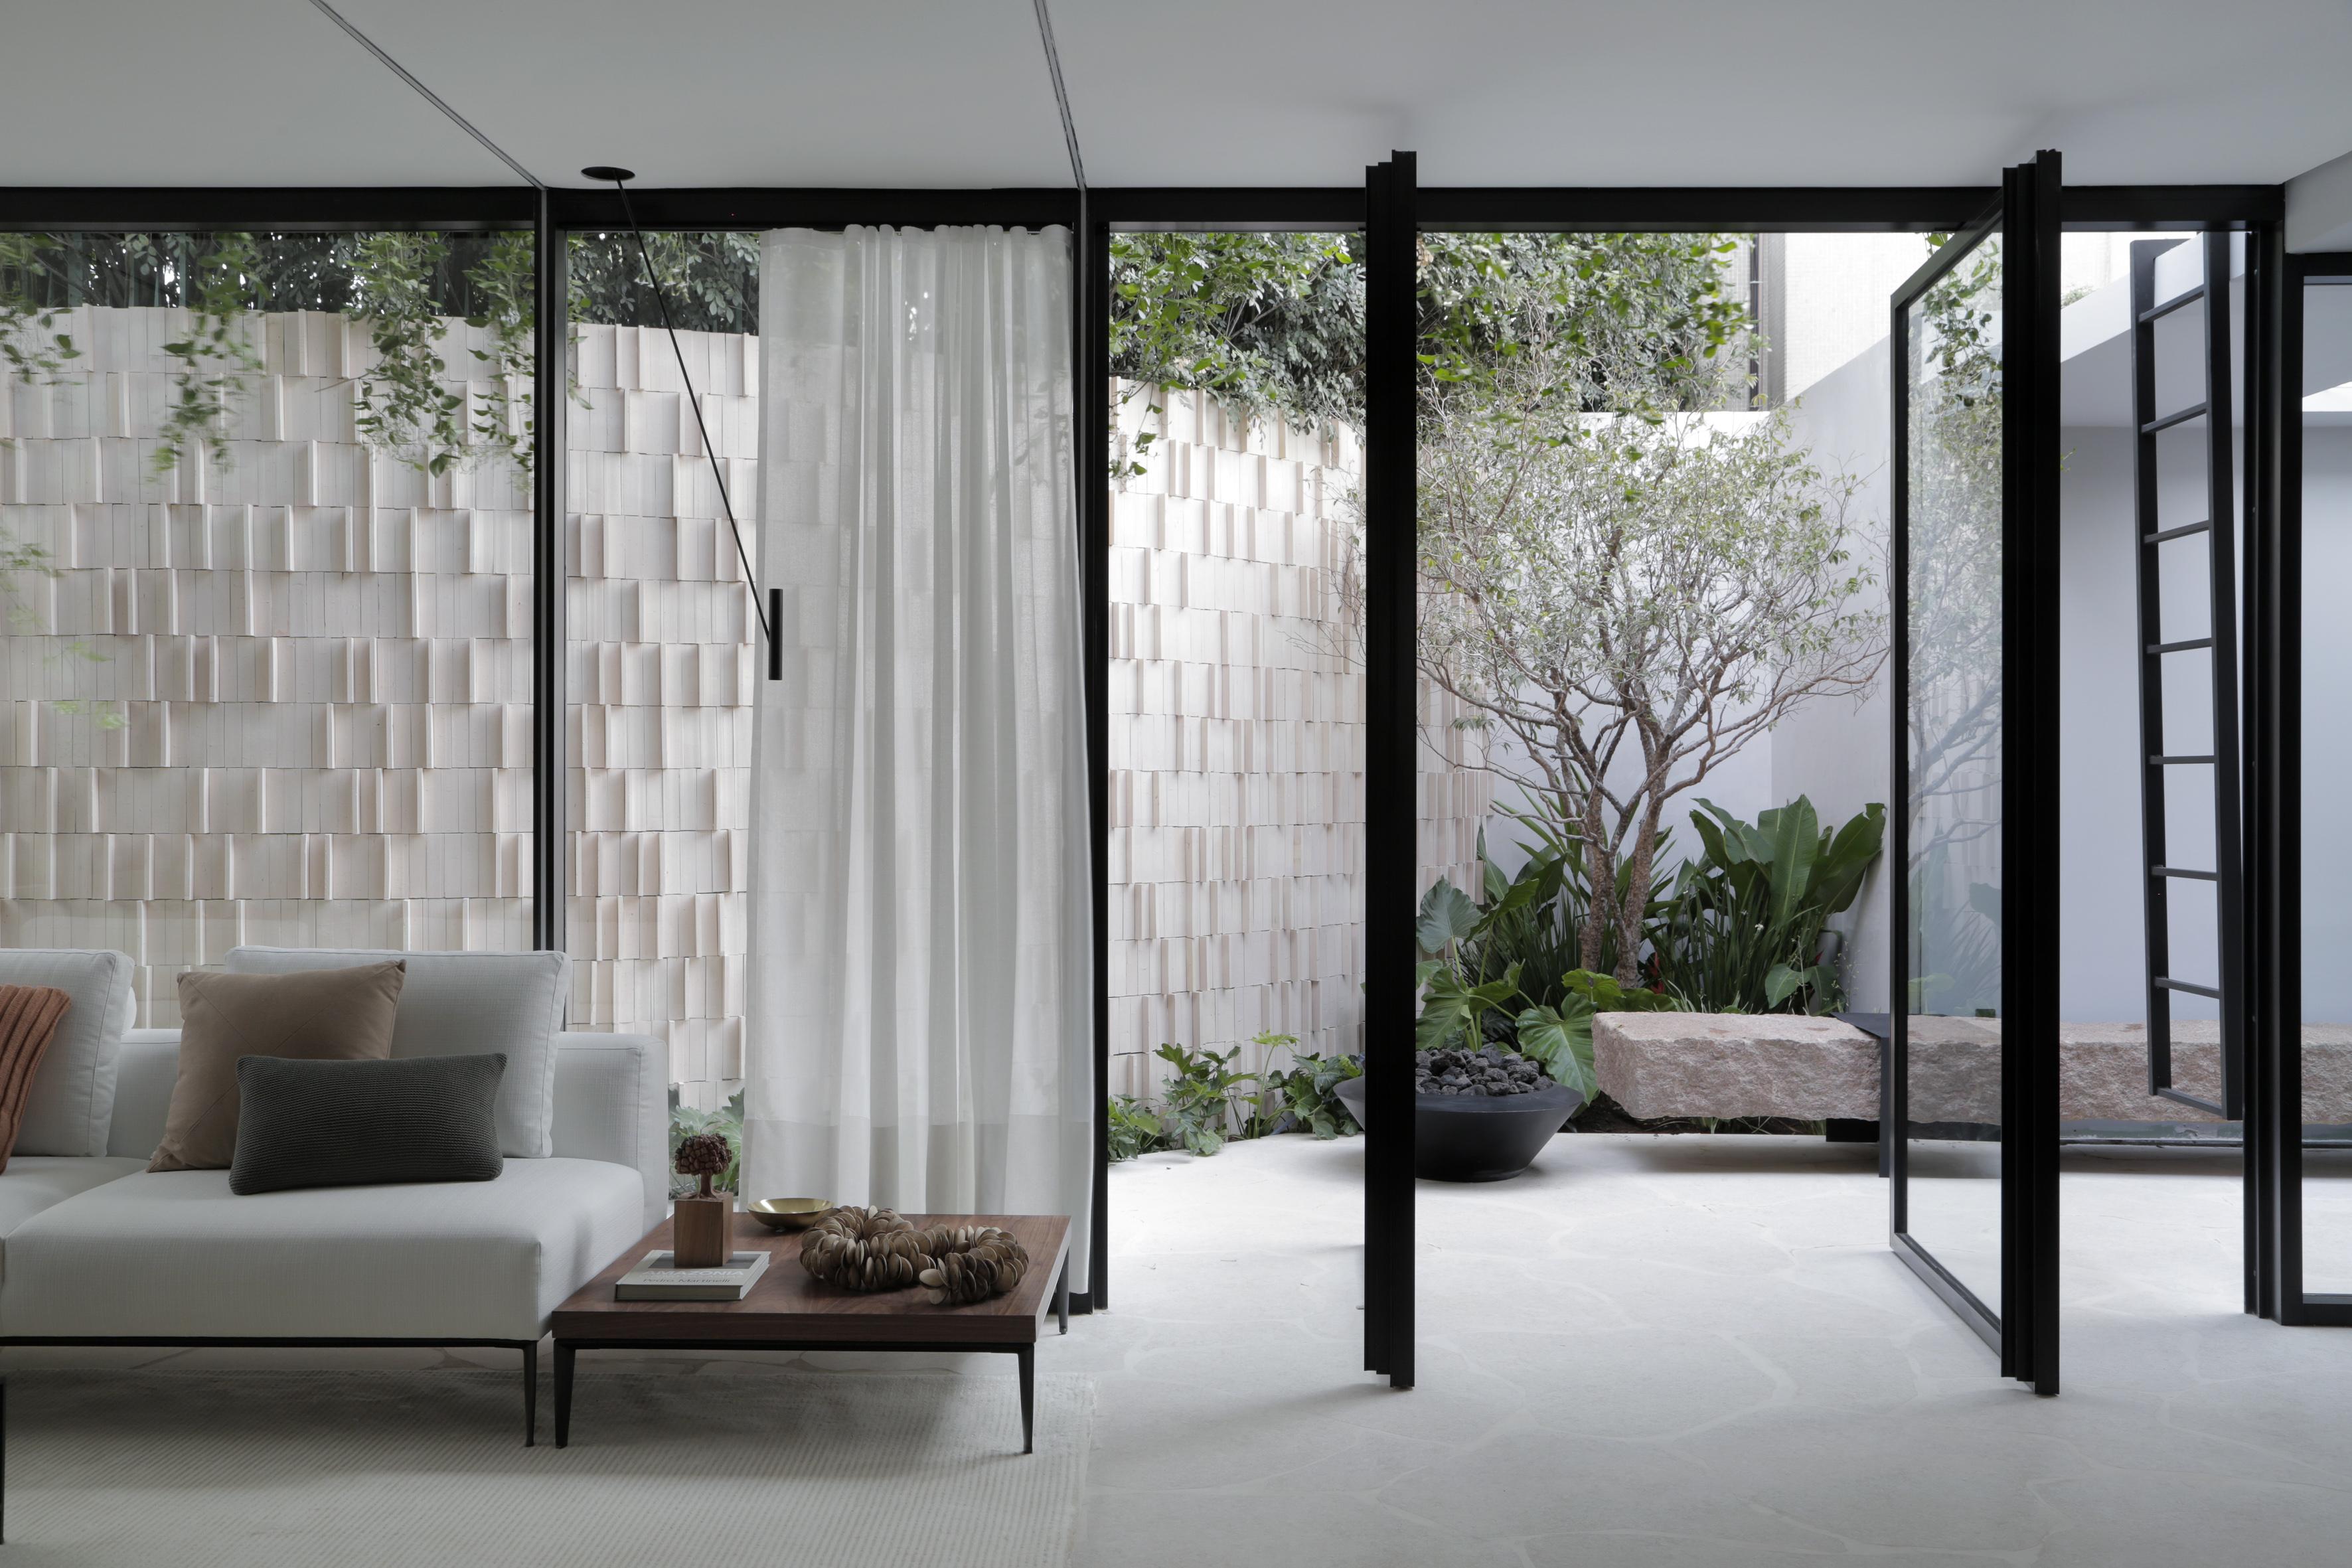 Casa Conecta: Ticiane Lima, CASACOR SP 2019.  jardim e living conectados por panos de vidro. árvore, vasos,  jasmins, e um muro com acabamento em relevo.